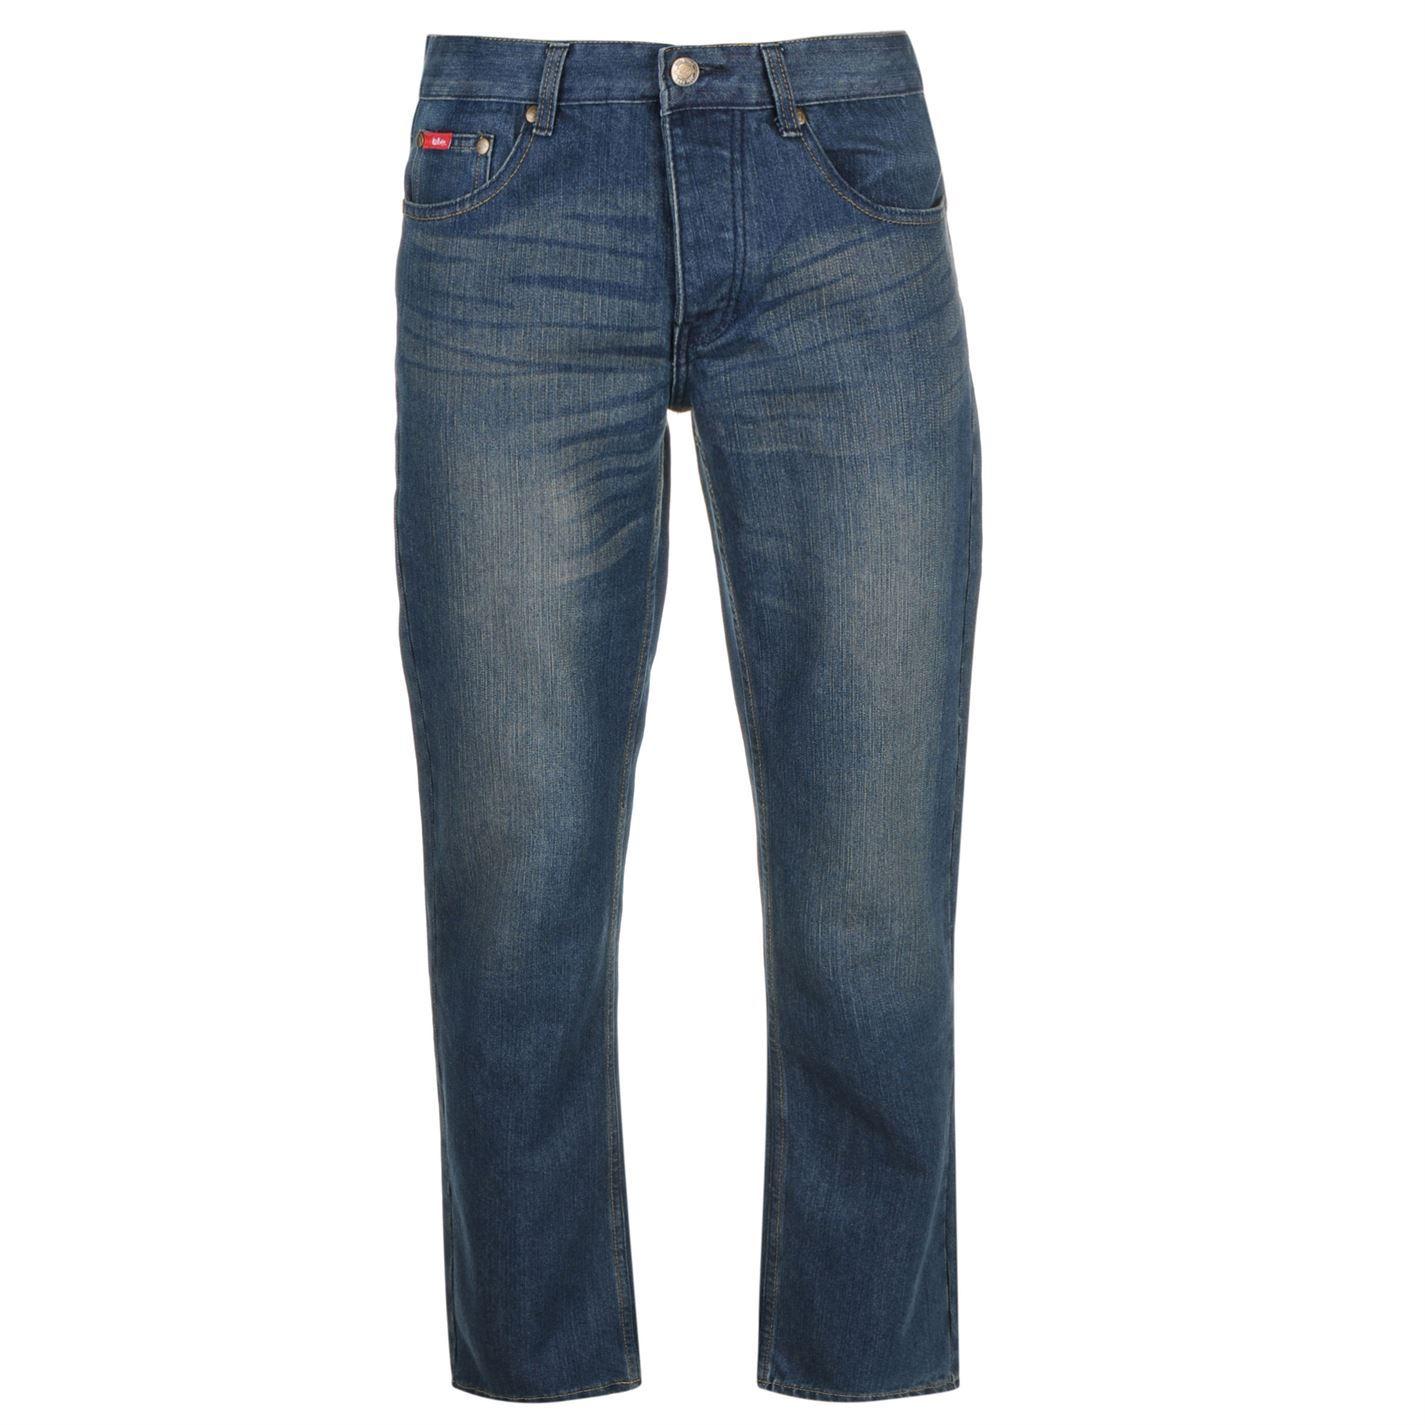 Jeans Denim Lee Cooper Regular Mens Trouser Pants